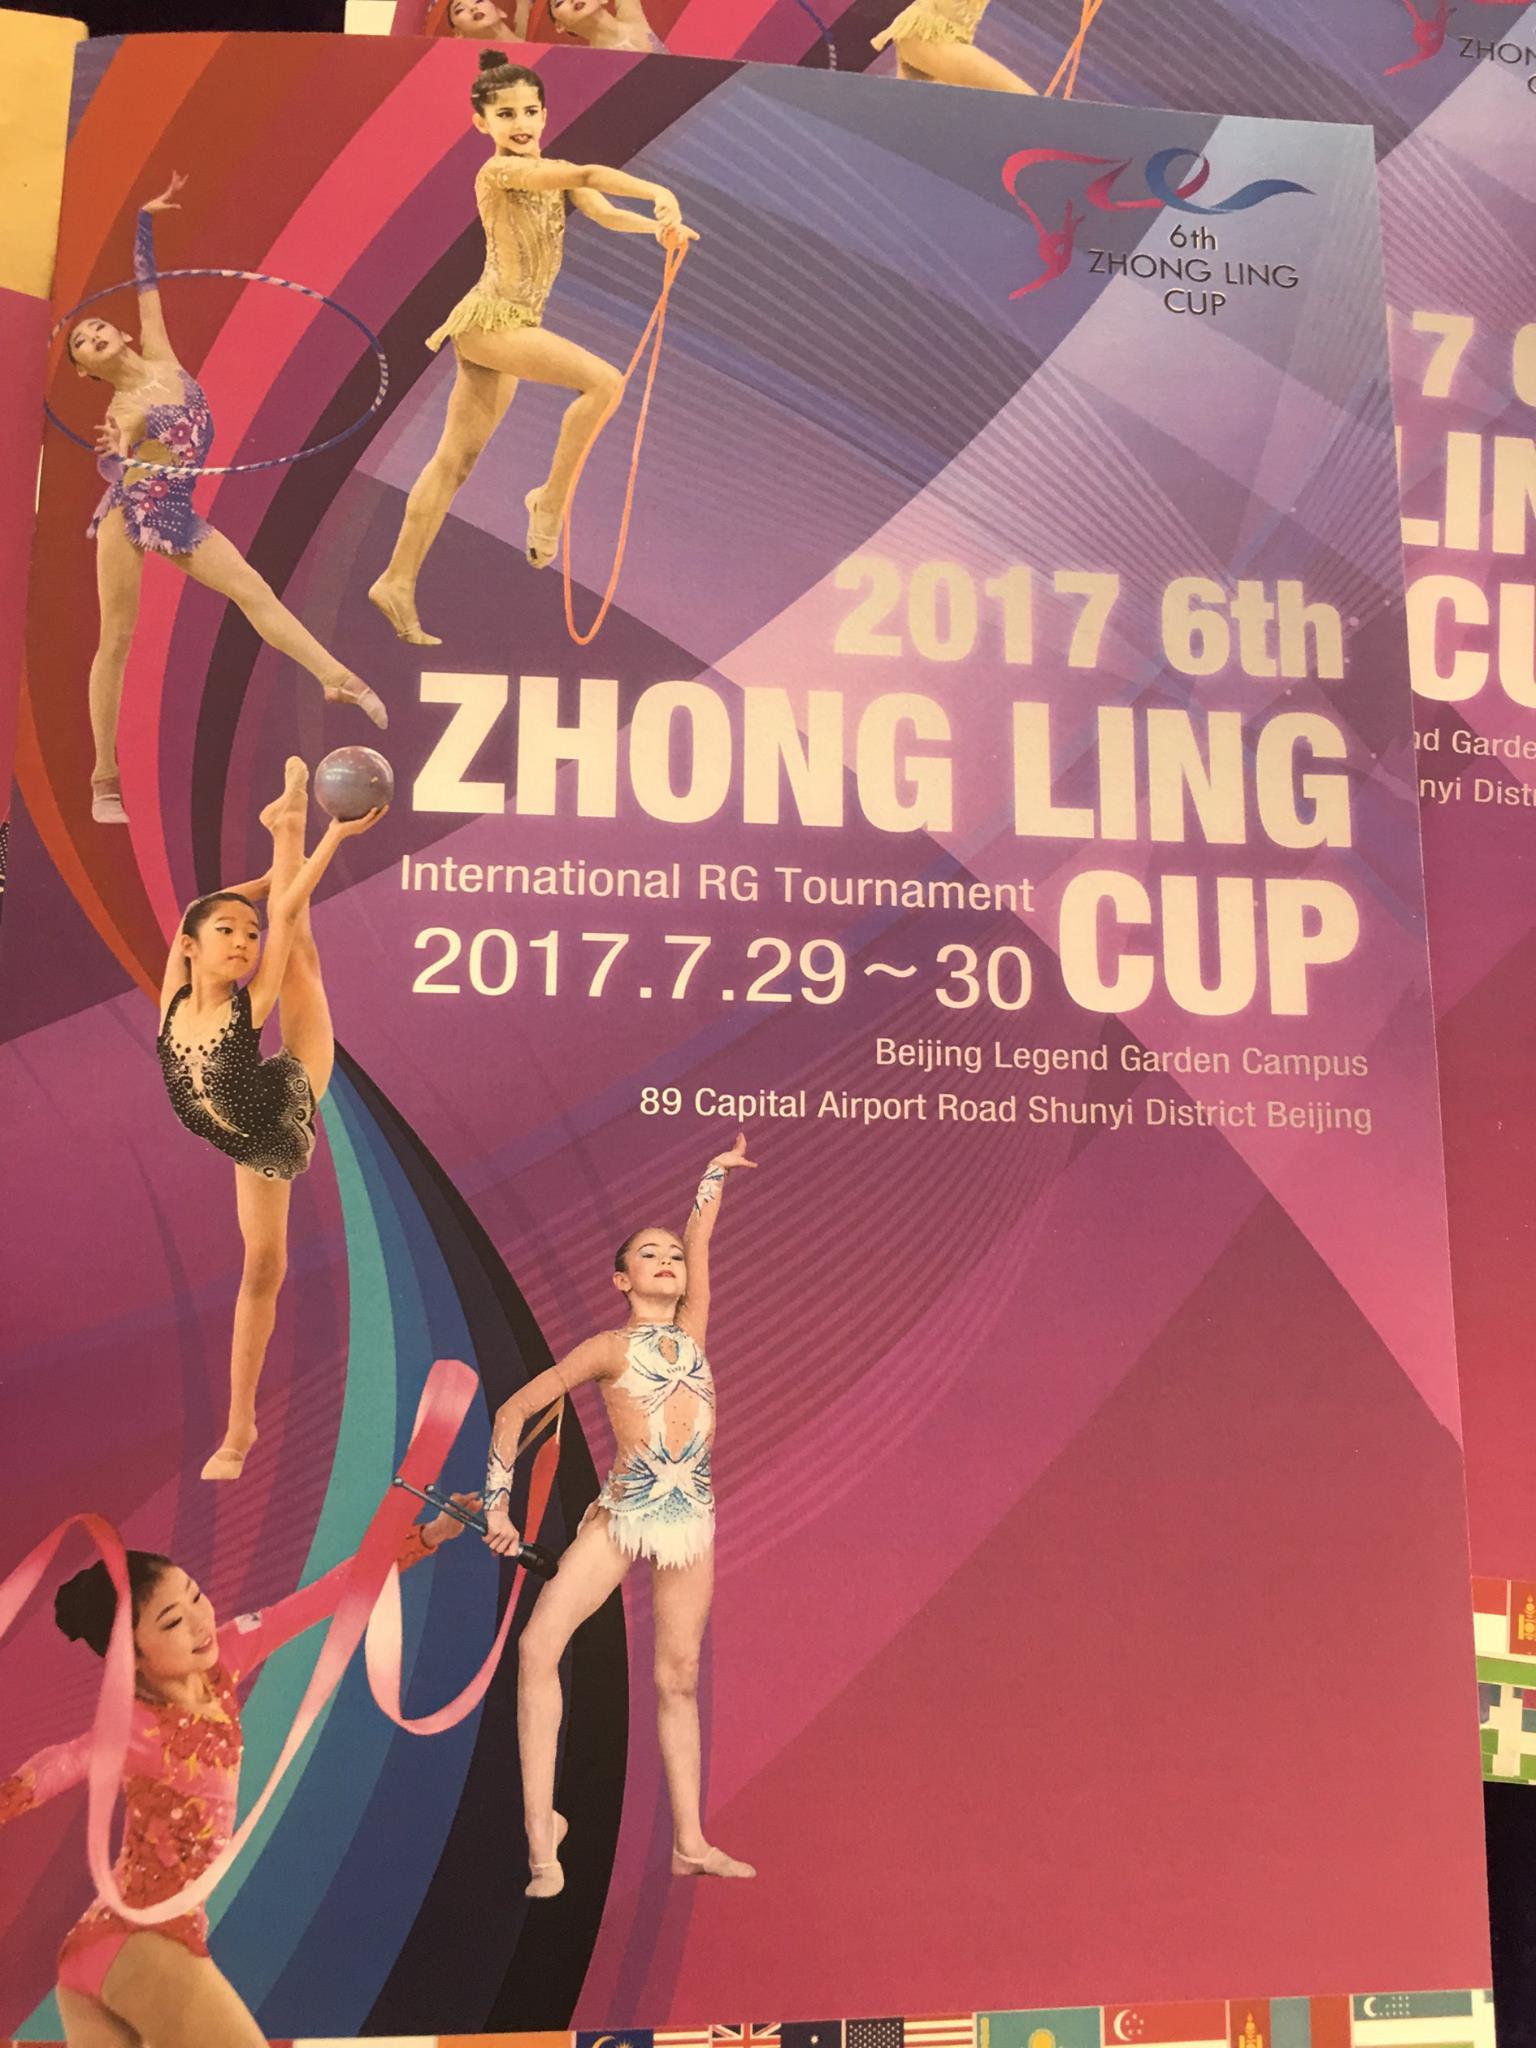 6th Zhong Ling Cup 2017 27